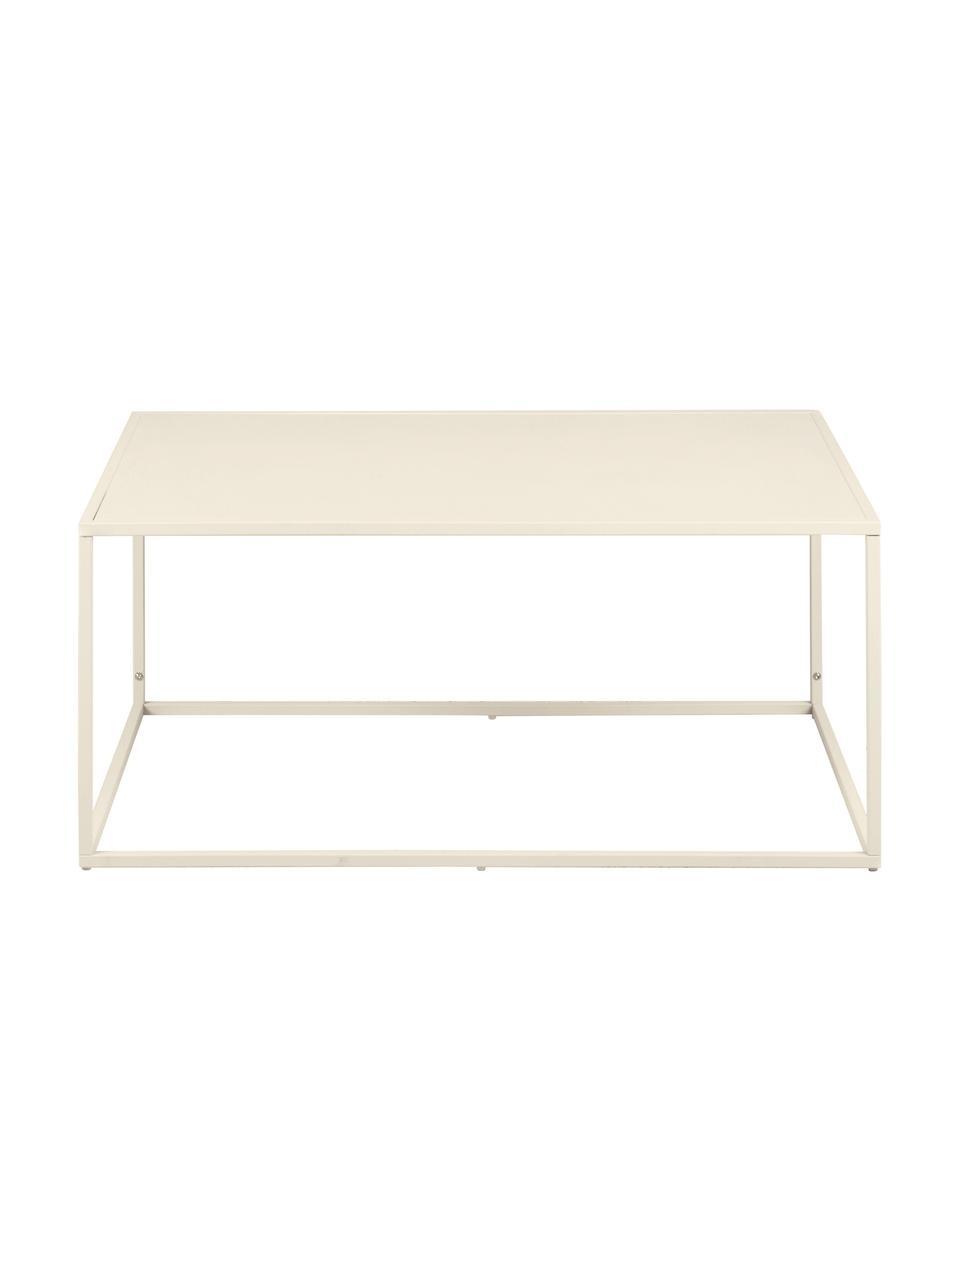 Tavolino da salotto in metallo beige Newton, Metallo verniciato a polvere, Beige, Larg. 90 x Alt. 40 cm